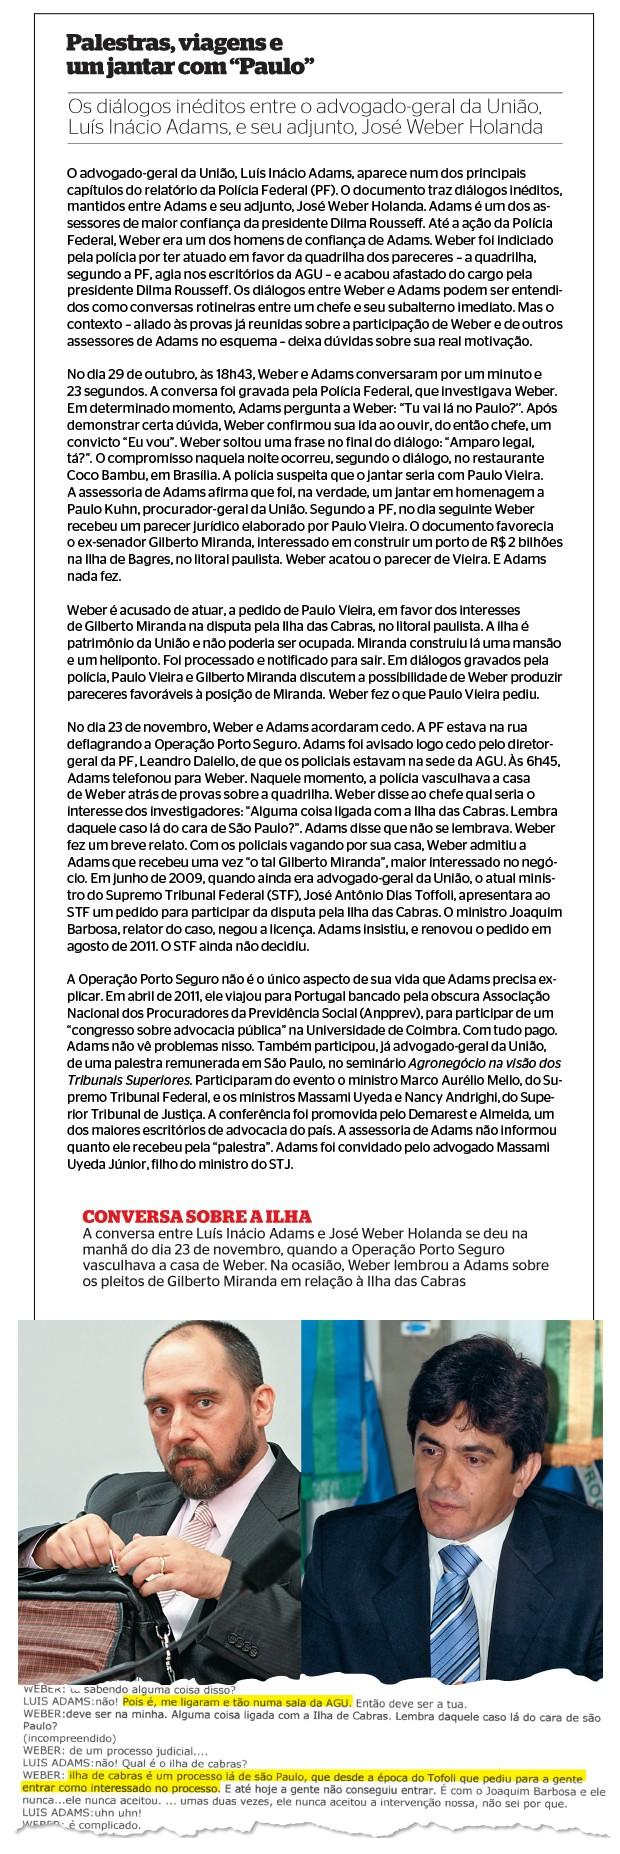 PALESTRAS O advogado-geral da União, Luís Inácio Adams, e seu ex-adjunto, José Weber Holanda. Adams não vê conflito de interesses em dar conferências em escritórios de advocacia (Foto: Andre Dusek/Estadão Conteúdo e Paulo de Araújo/CB/D.A Press )